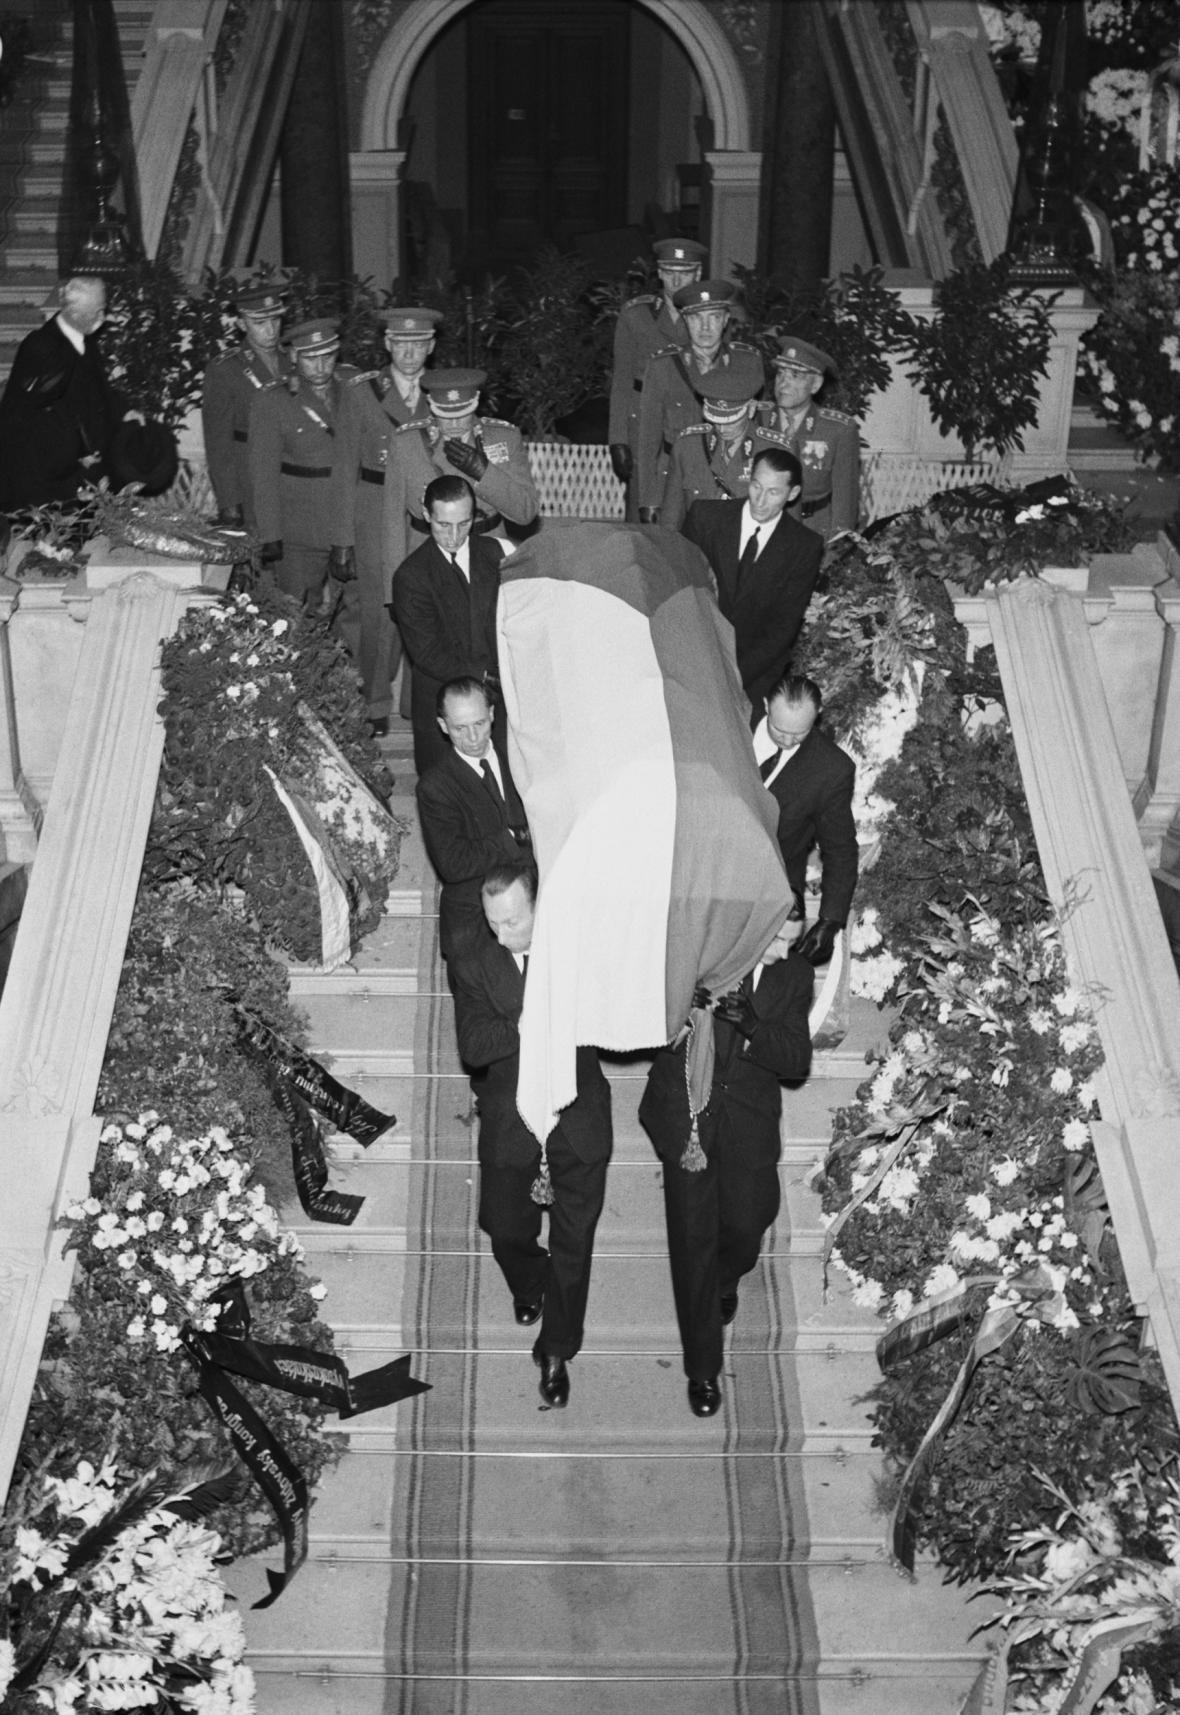 Státní pohřeb prezidenta Edvarda Beneše